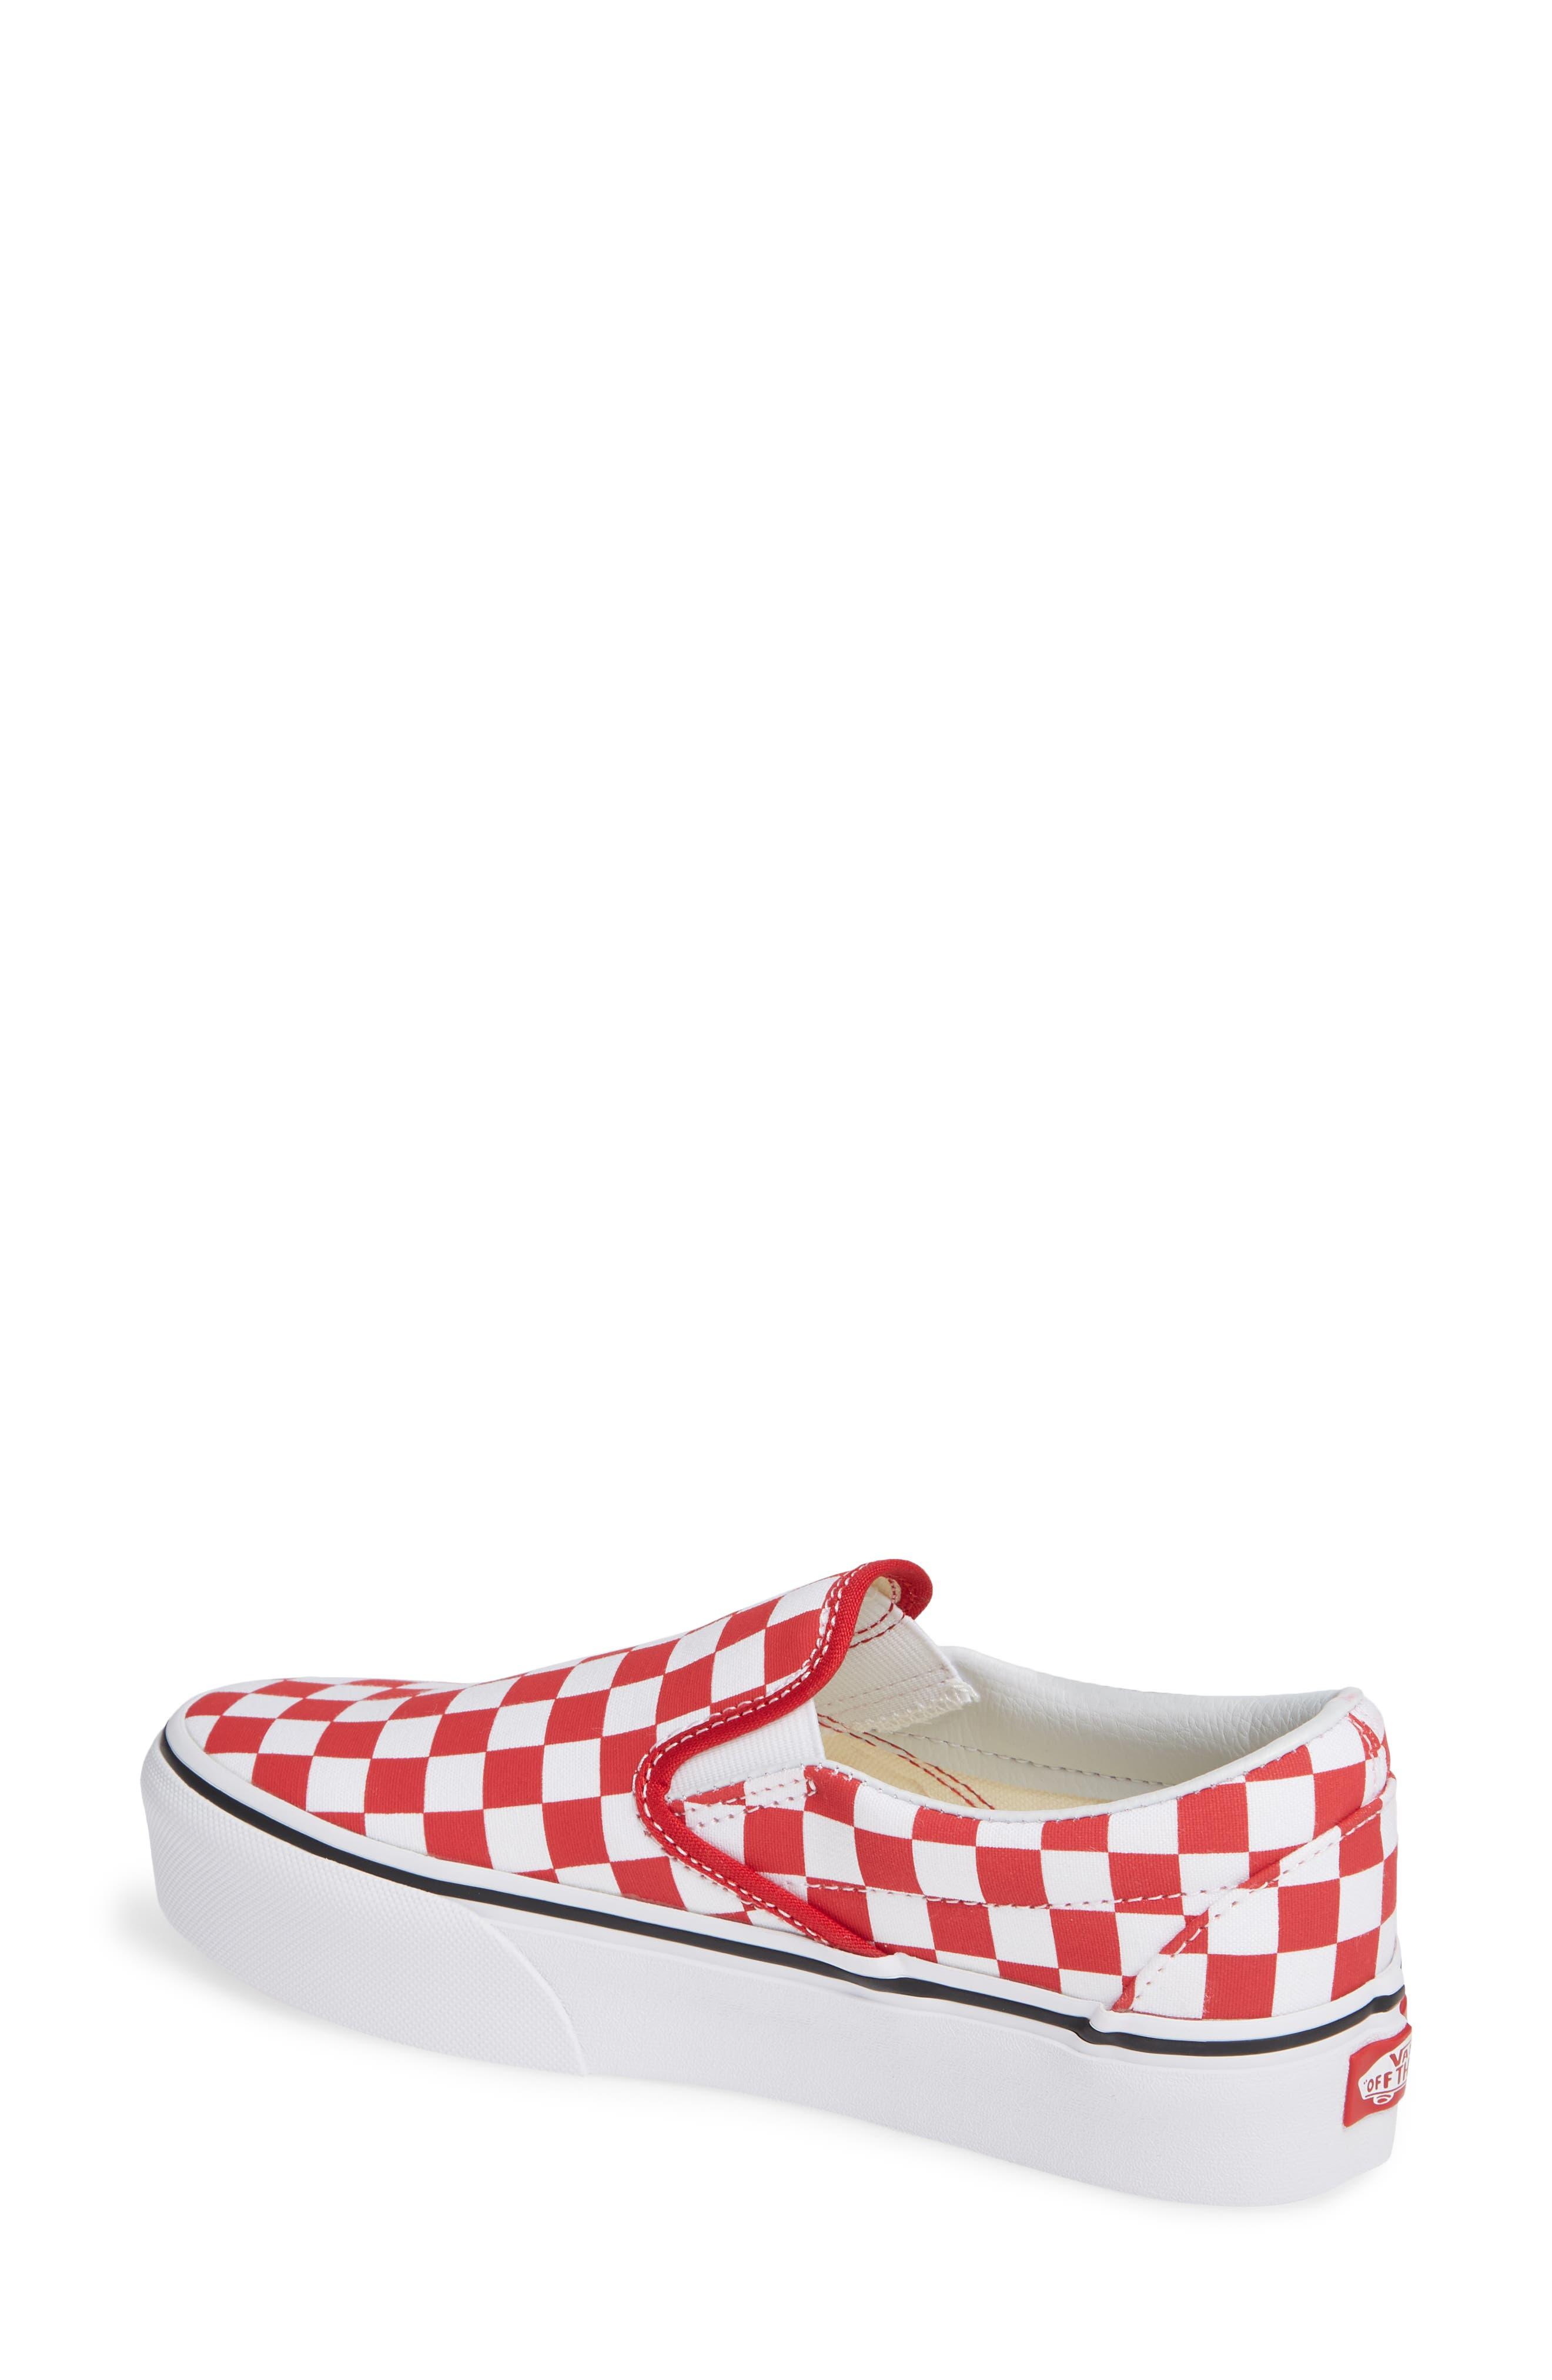 Platform Slip-On Sneaker,                             Alternate thumbnail 2, color,                             RACING RED/ TRUE WHITE